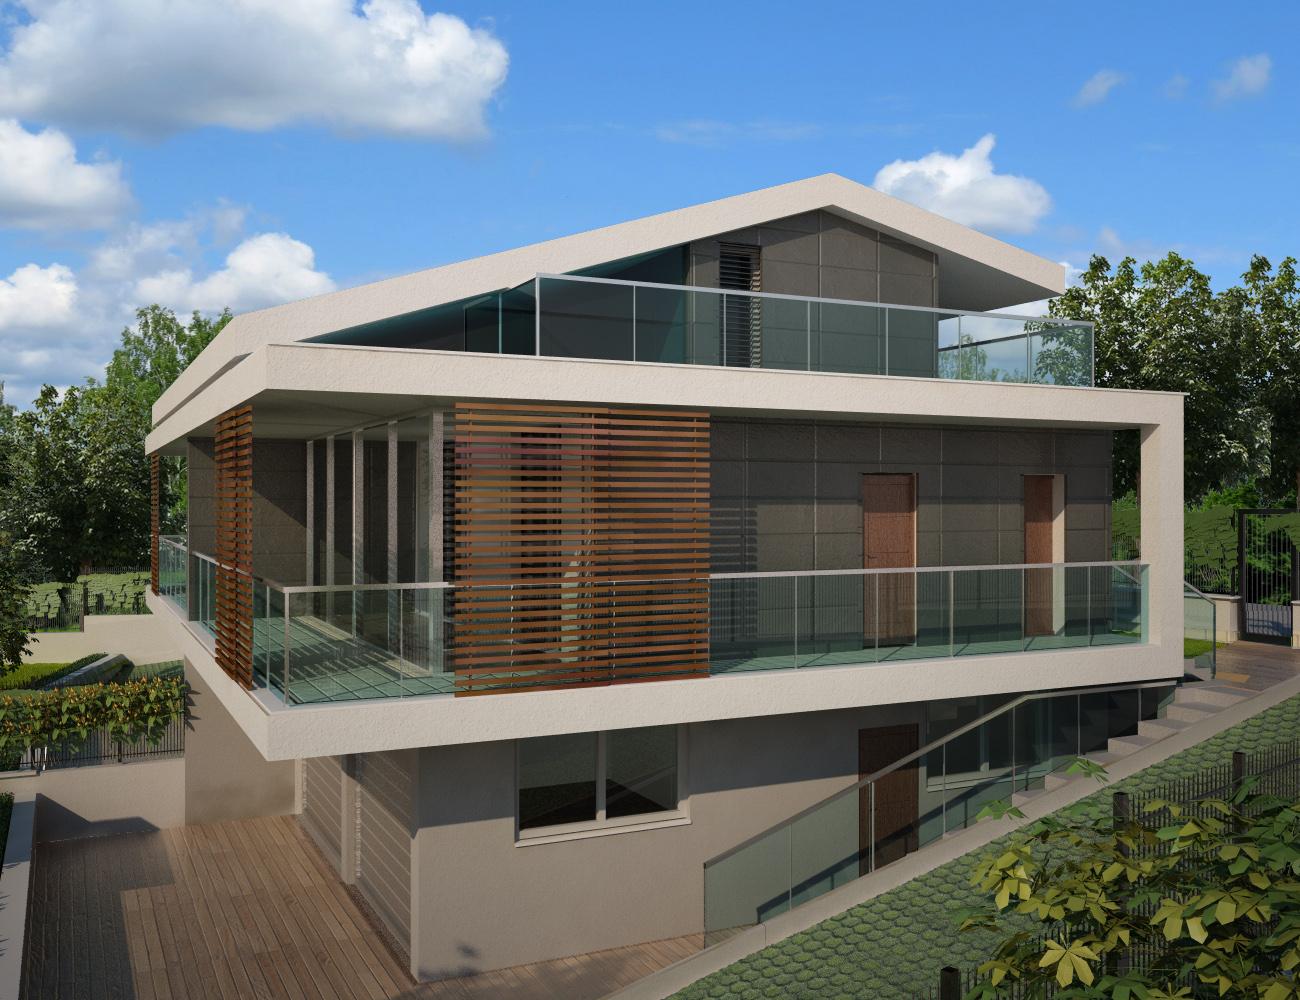 Progetti ville bifamiliari moderne for Architettura ville moderne